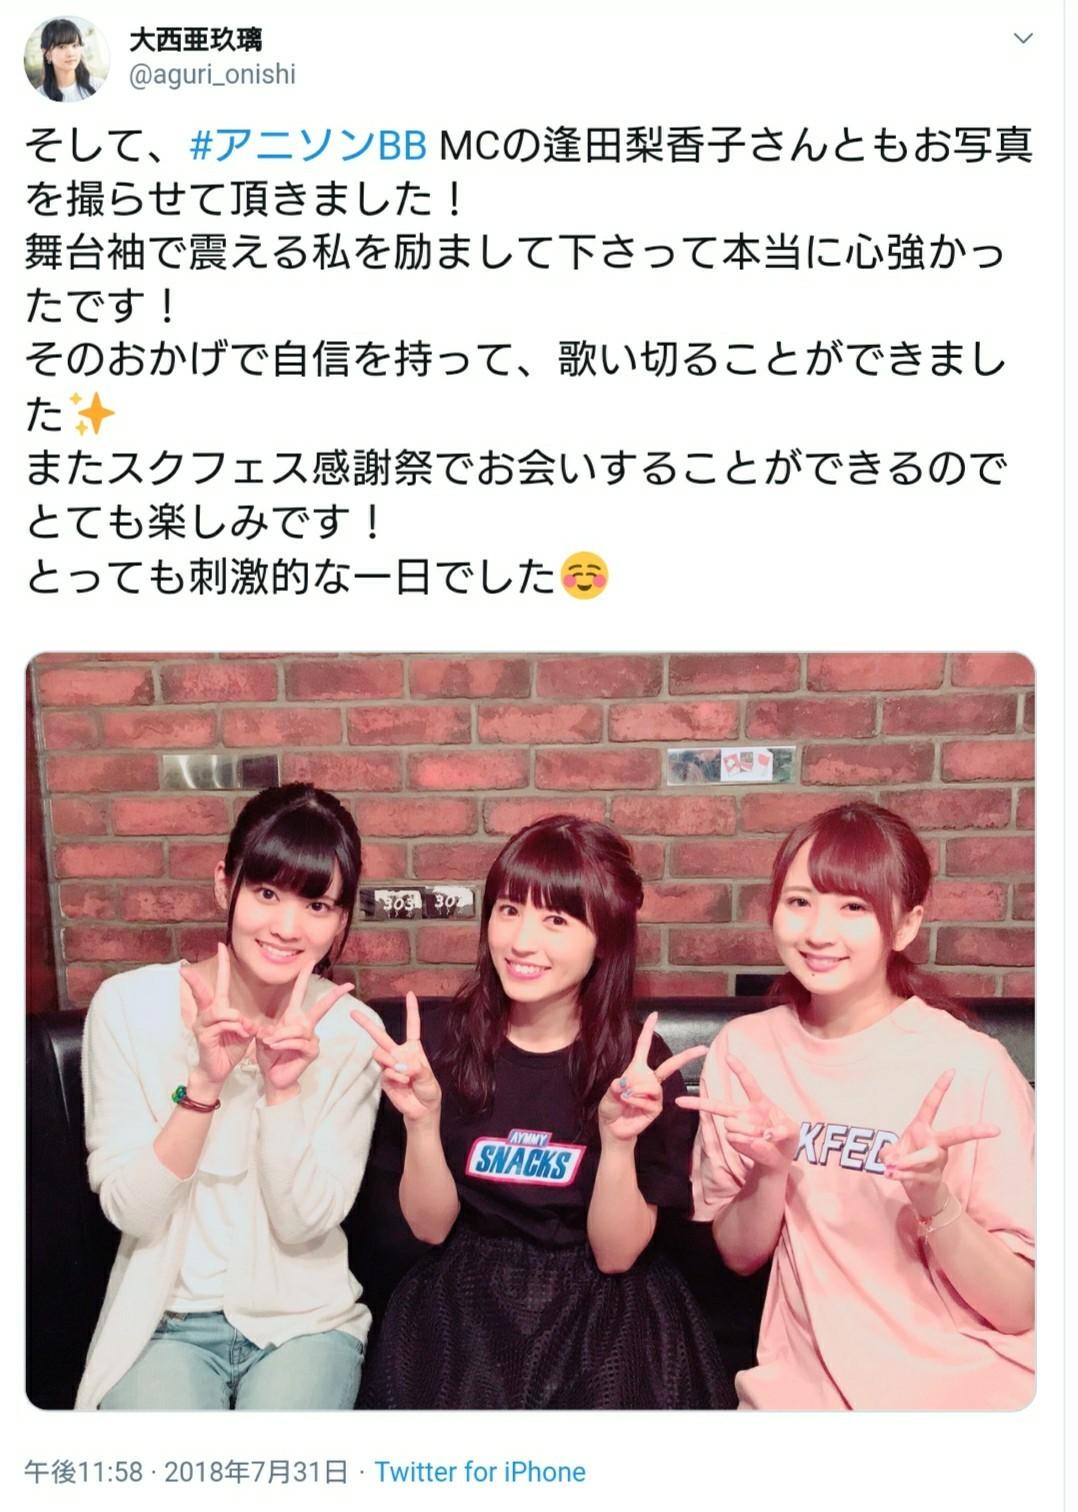 【朗報】声優・逢田梨香子さん、大西亜玖璃さんに応援LINEを送っていた【ラブライブ!虹ヶ咲】|ラブライブ!まとめ